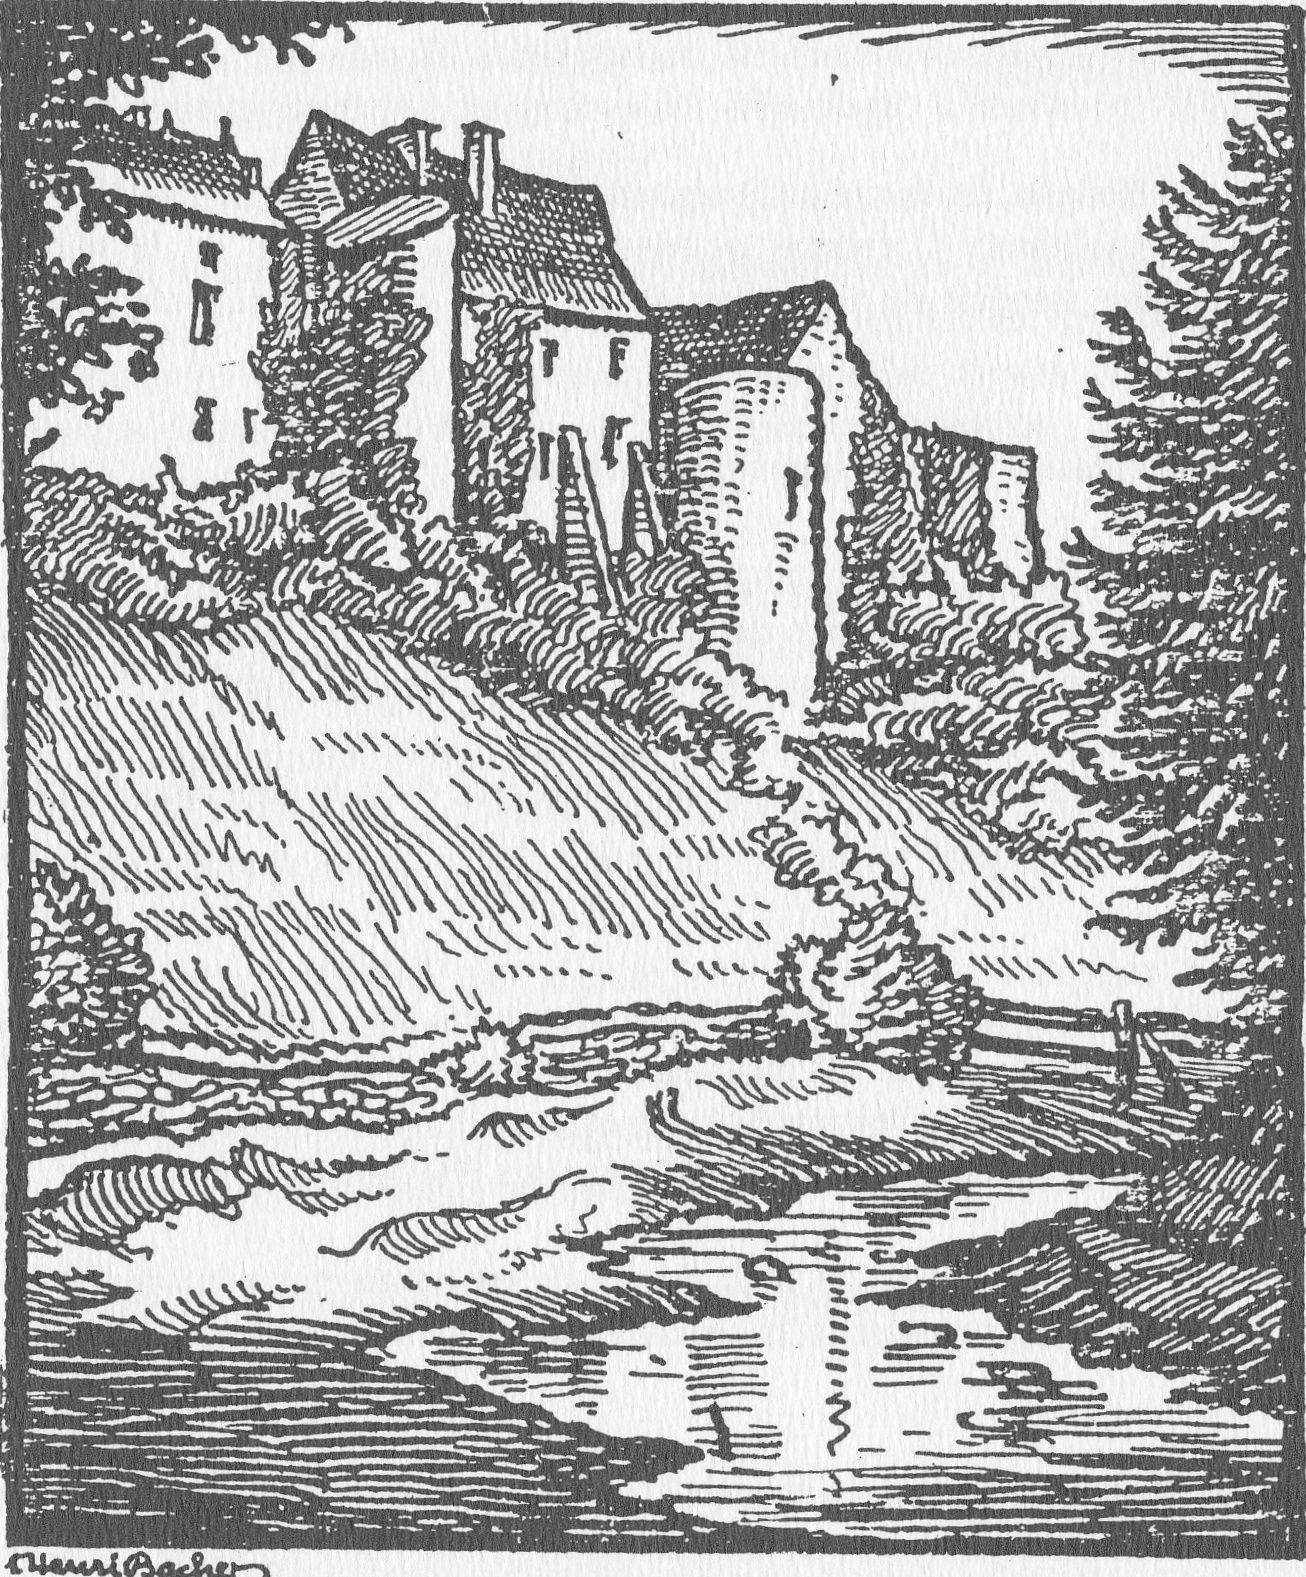 Château de Roussy - Dessin de Henri Bacher – Strasbourg - 1933